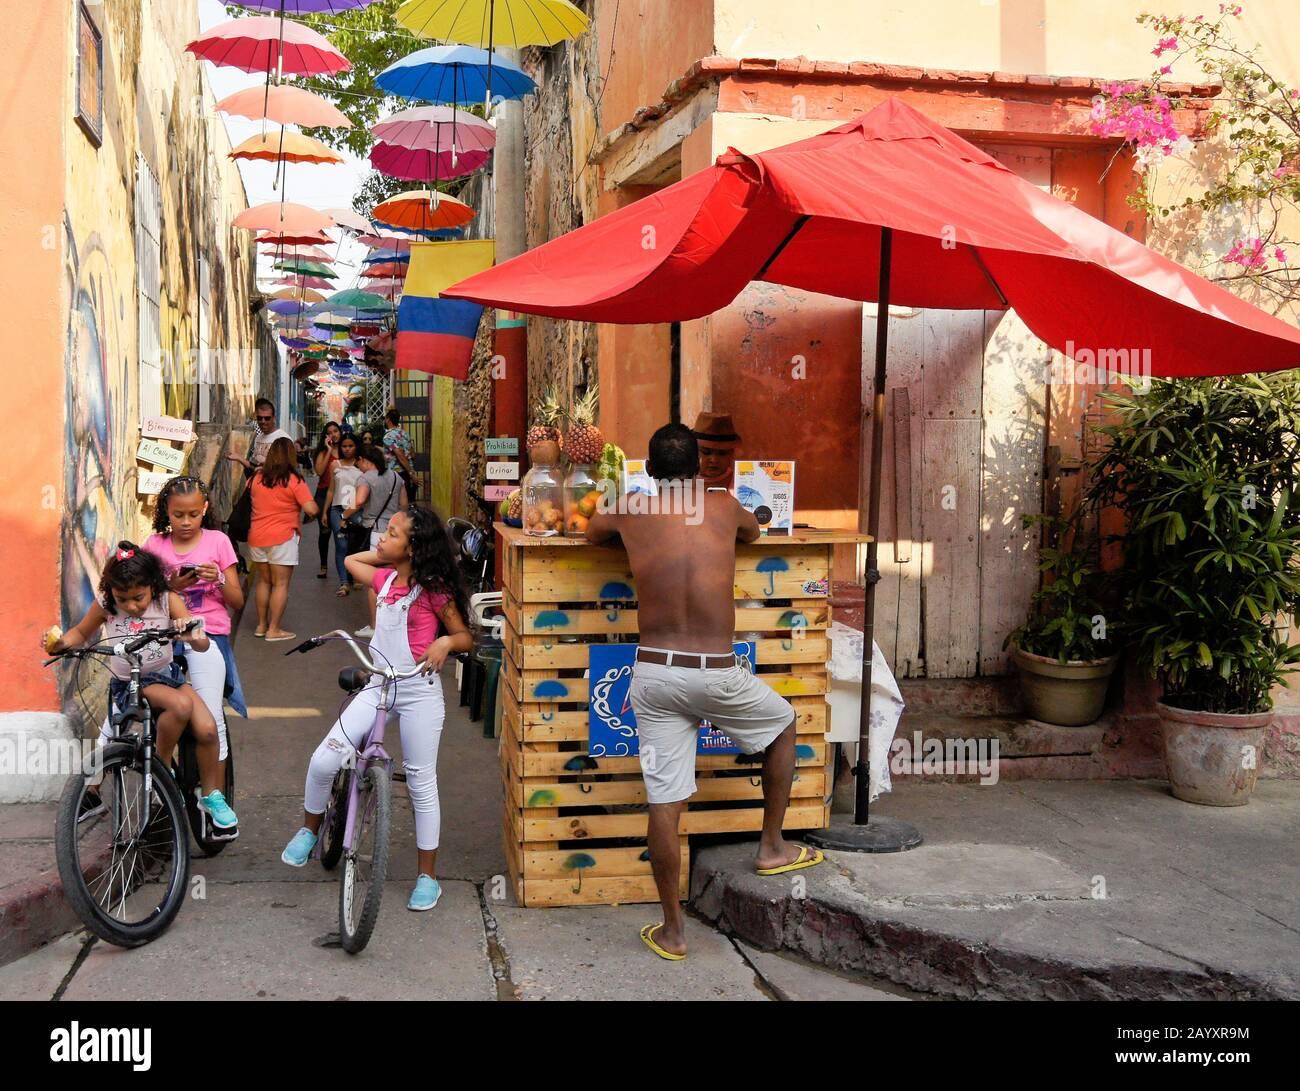 El arte callejero y las sombrillas proporcionan color y sombra en Callejon Angosto en Getsemani, Cartagena, Colombia Foto de stock